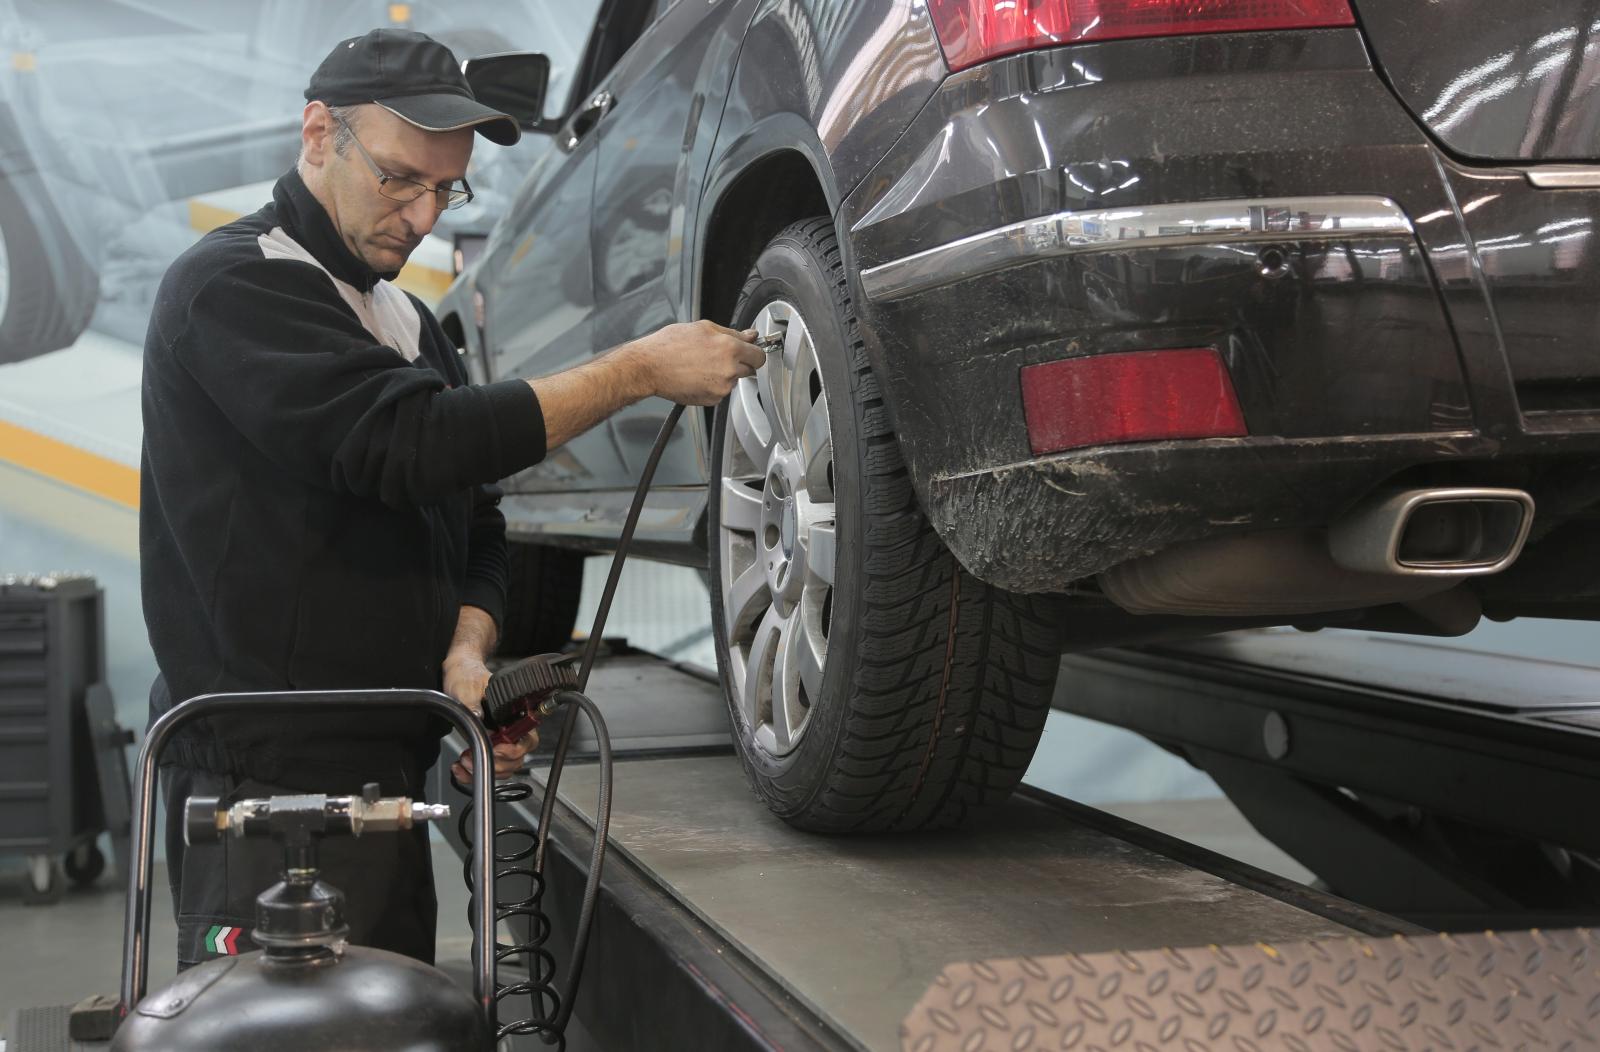 【汽車專知】輪胎充氣怎麼選?氮氣填充還是壓縮空氣?